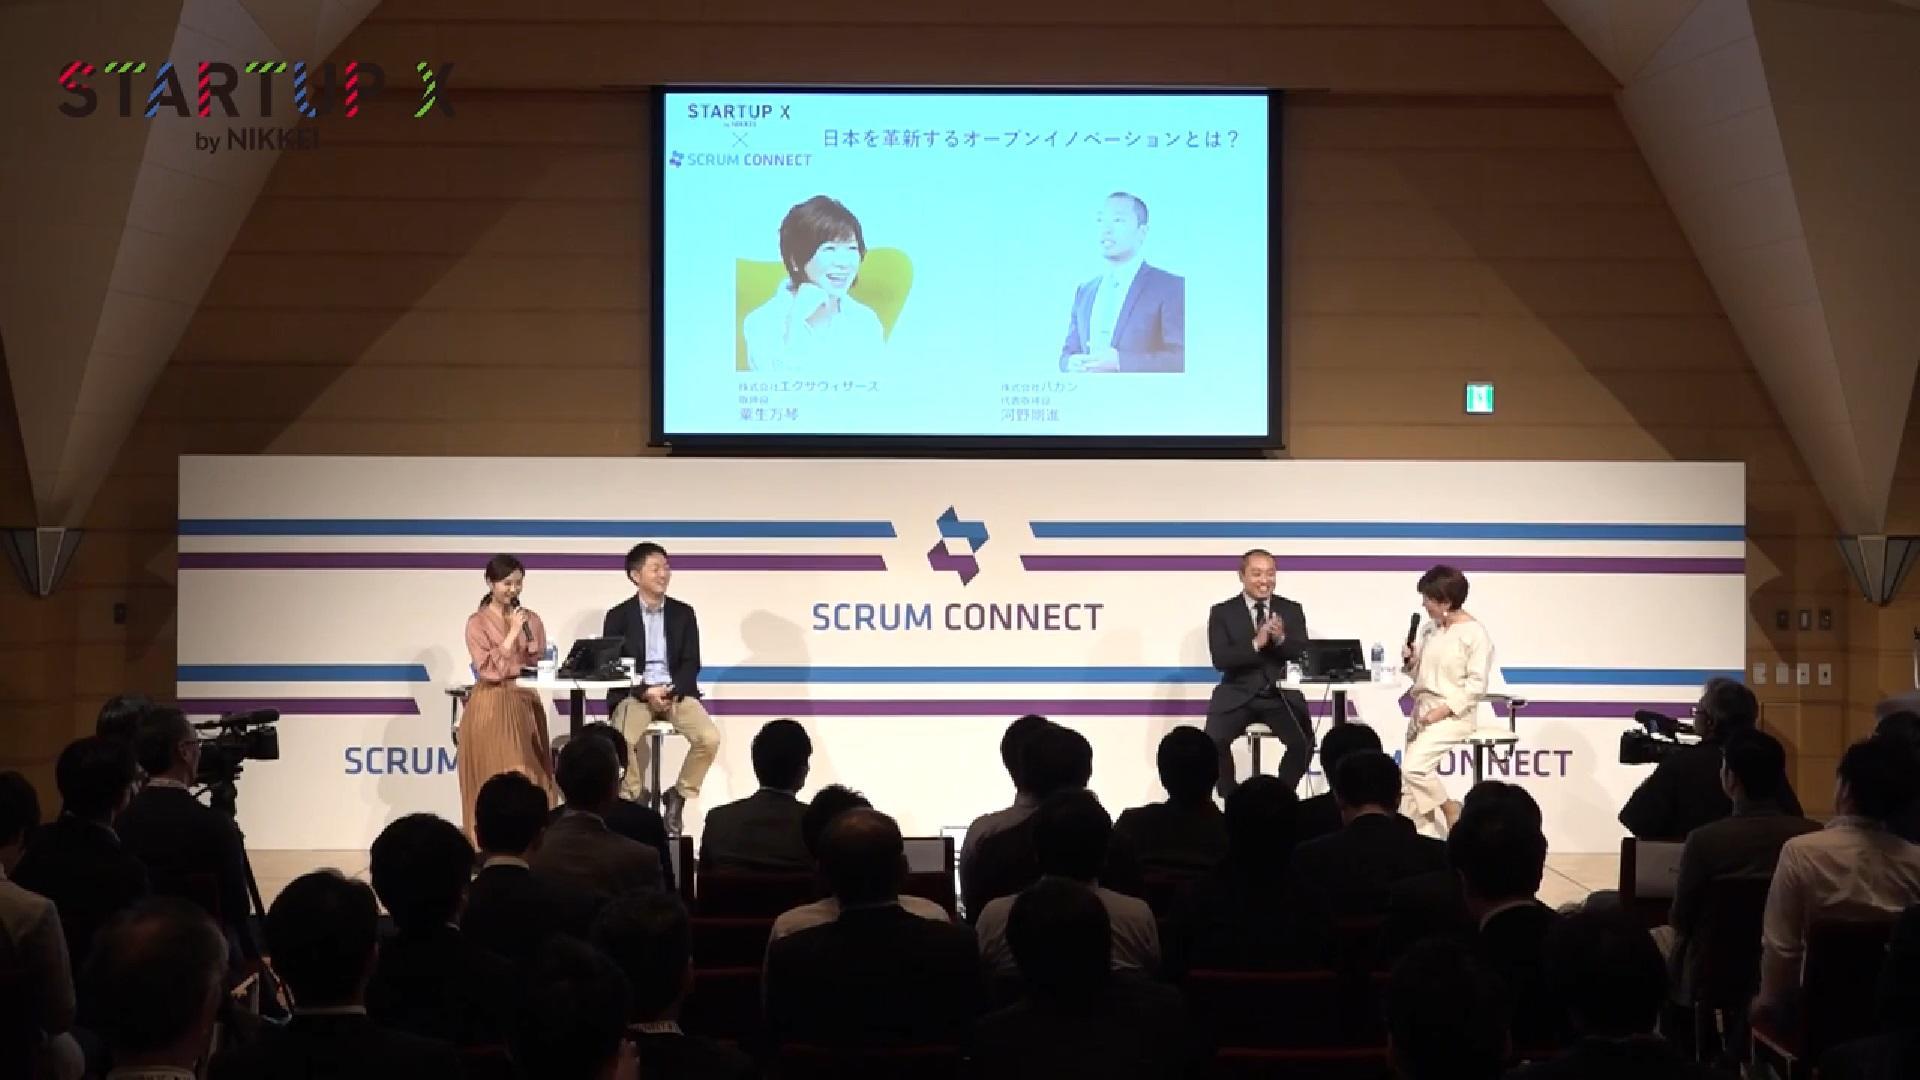 日本を革新するオープンイノベーションとは?空室情報検索「バカン」×AI開発「エクサウィザーズ」